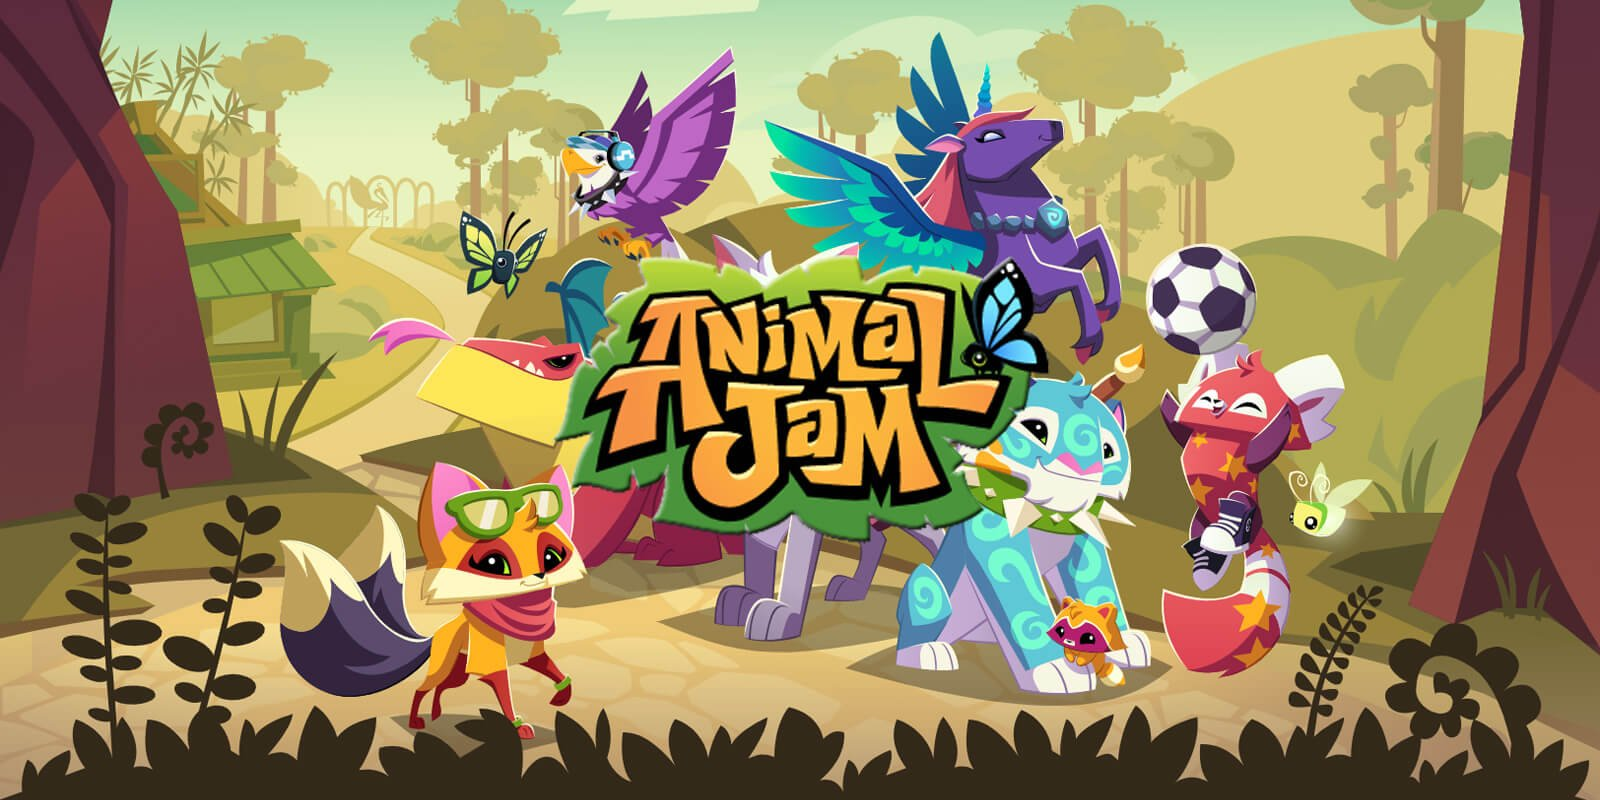 Детский ресурс Animal Jam подвергся взлому. Пострадали 46 000 000 учтенных записей